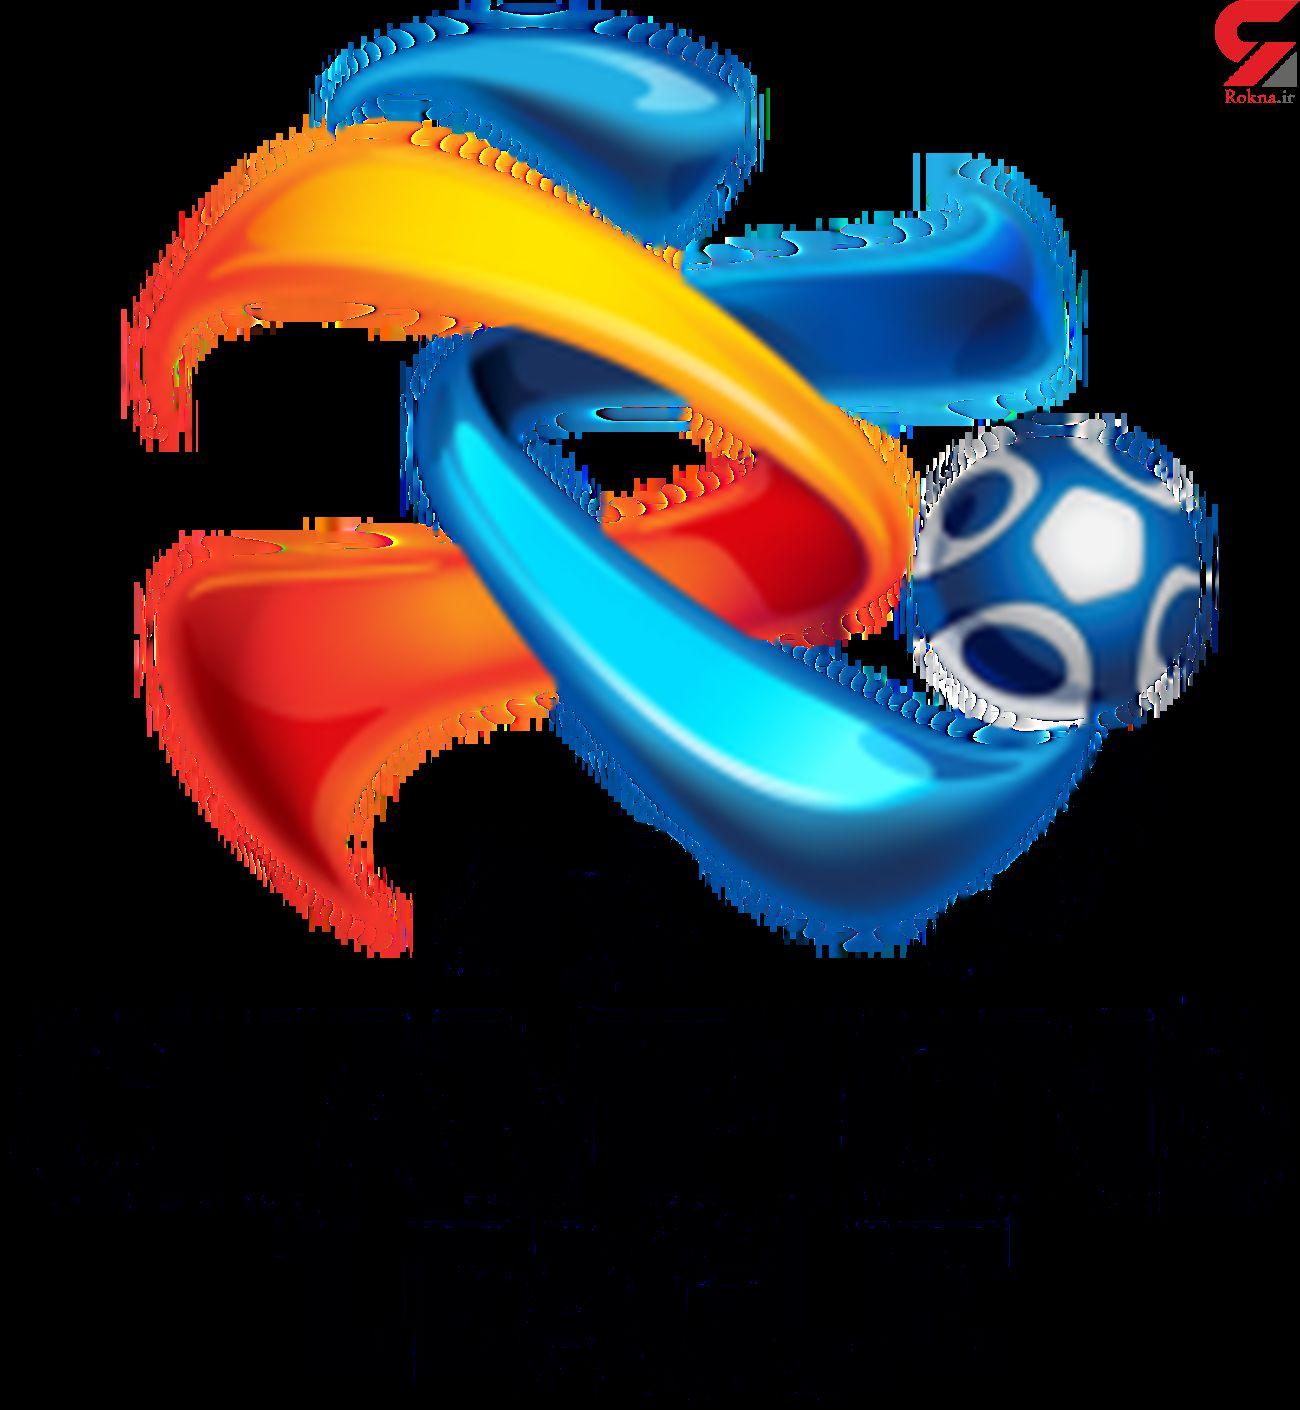 AFC قید سیستم رالی در لیگ قهرمانان آسیا را می زند